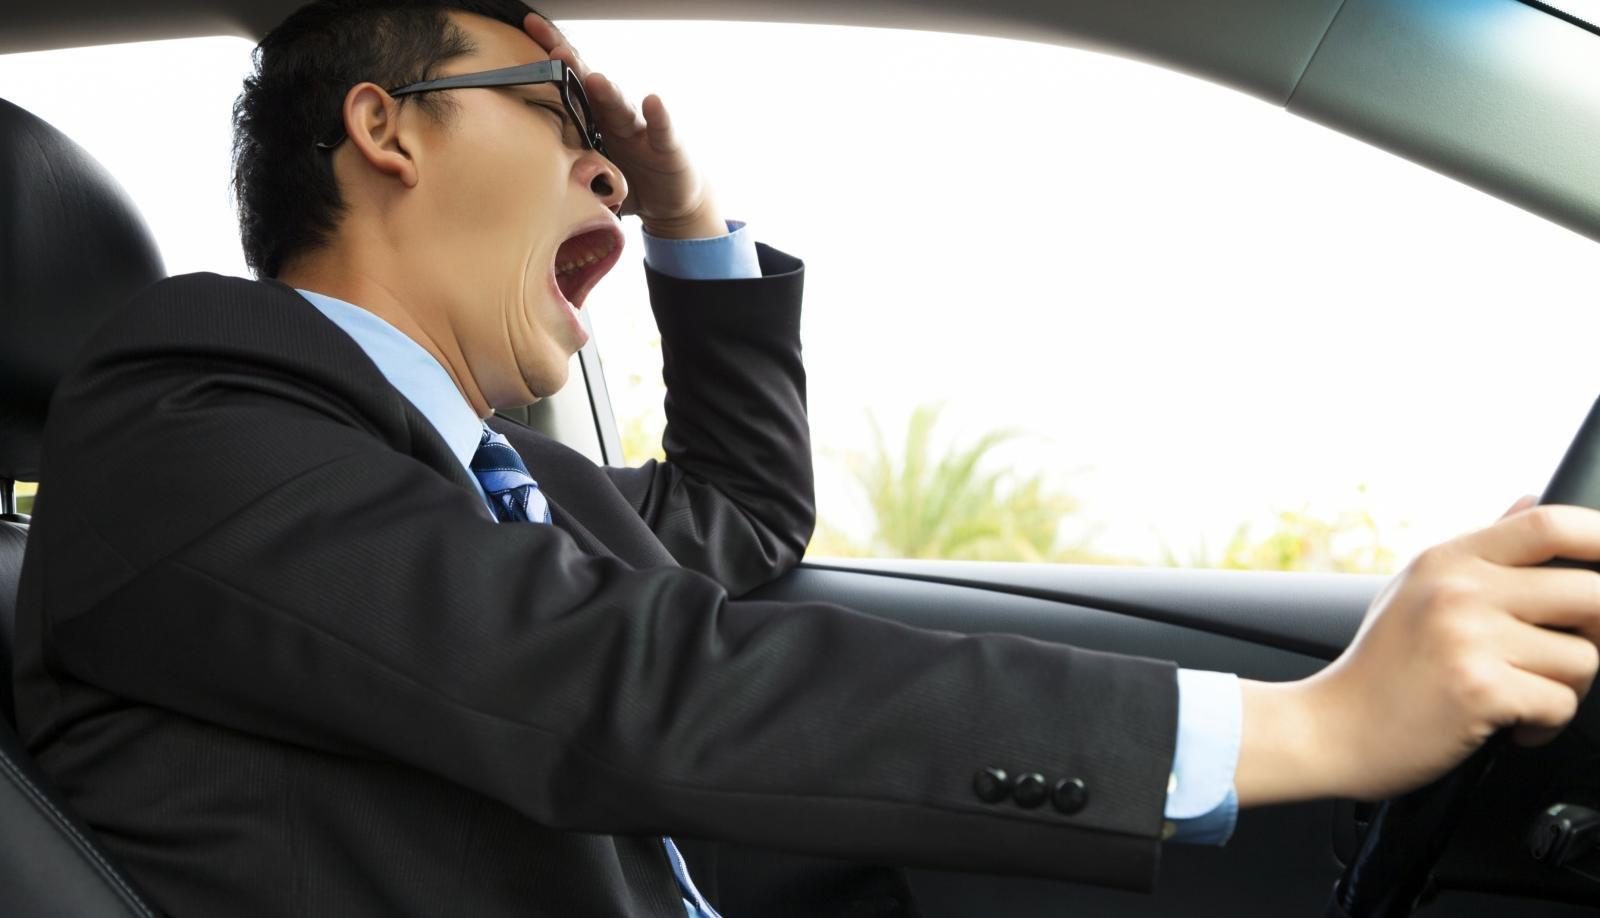 9 điều cần lưu ý để lái xe an toàn vào ban đêm - Giữ sức khỏe vì bản thân lẫn người khác